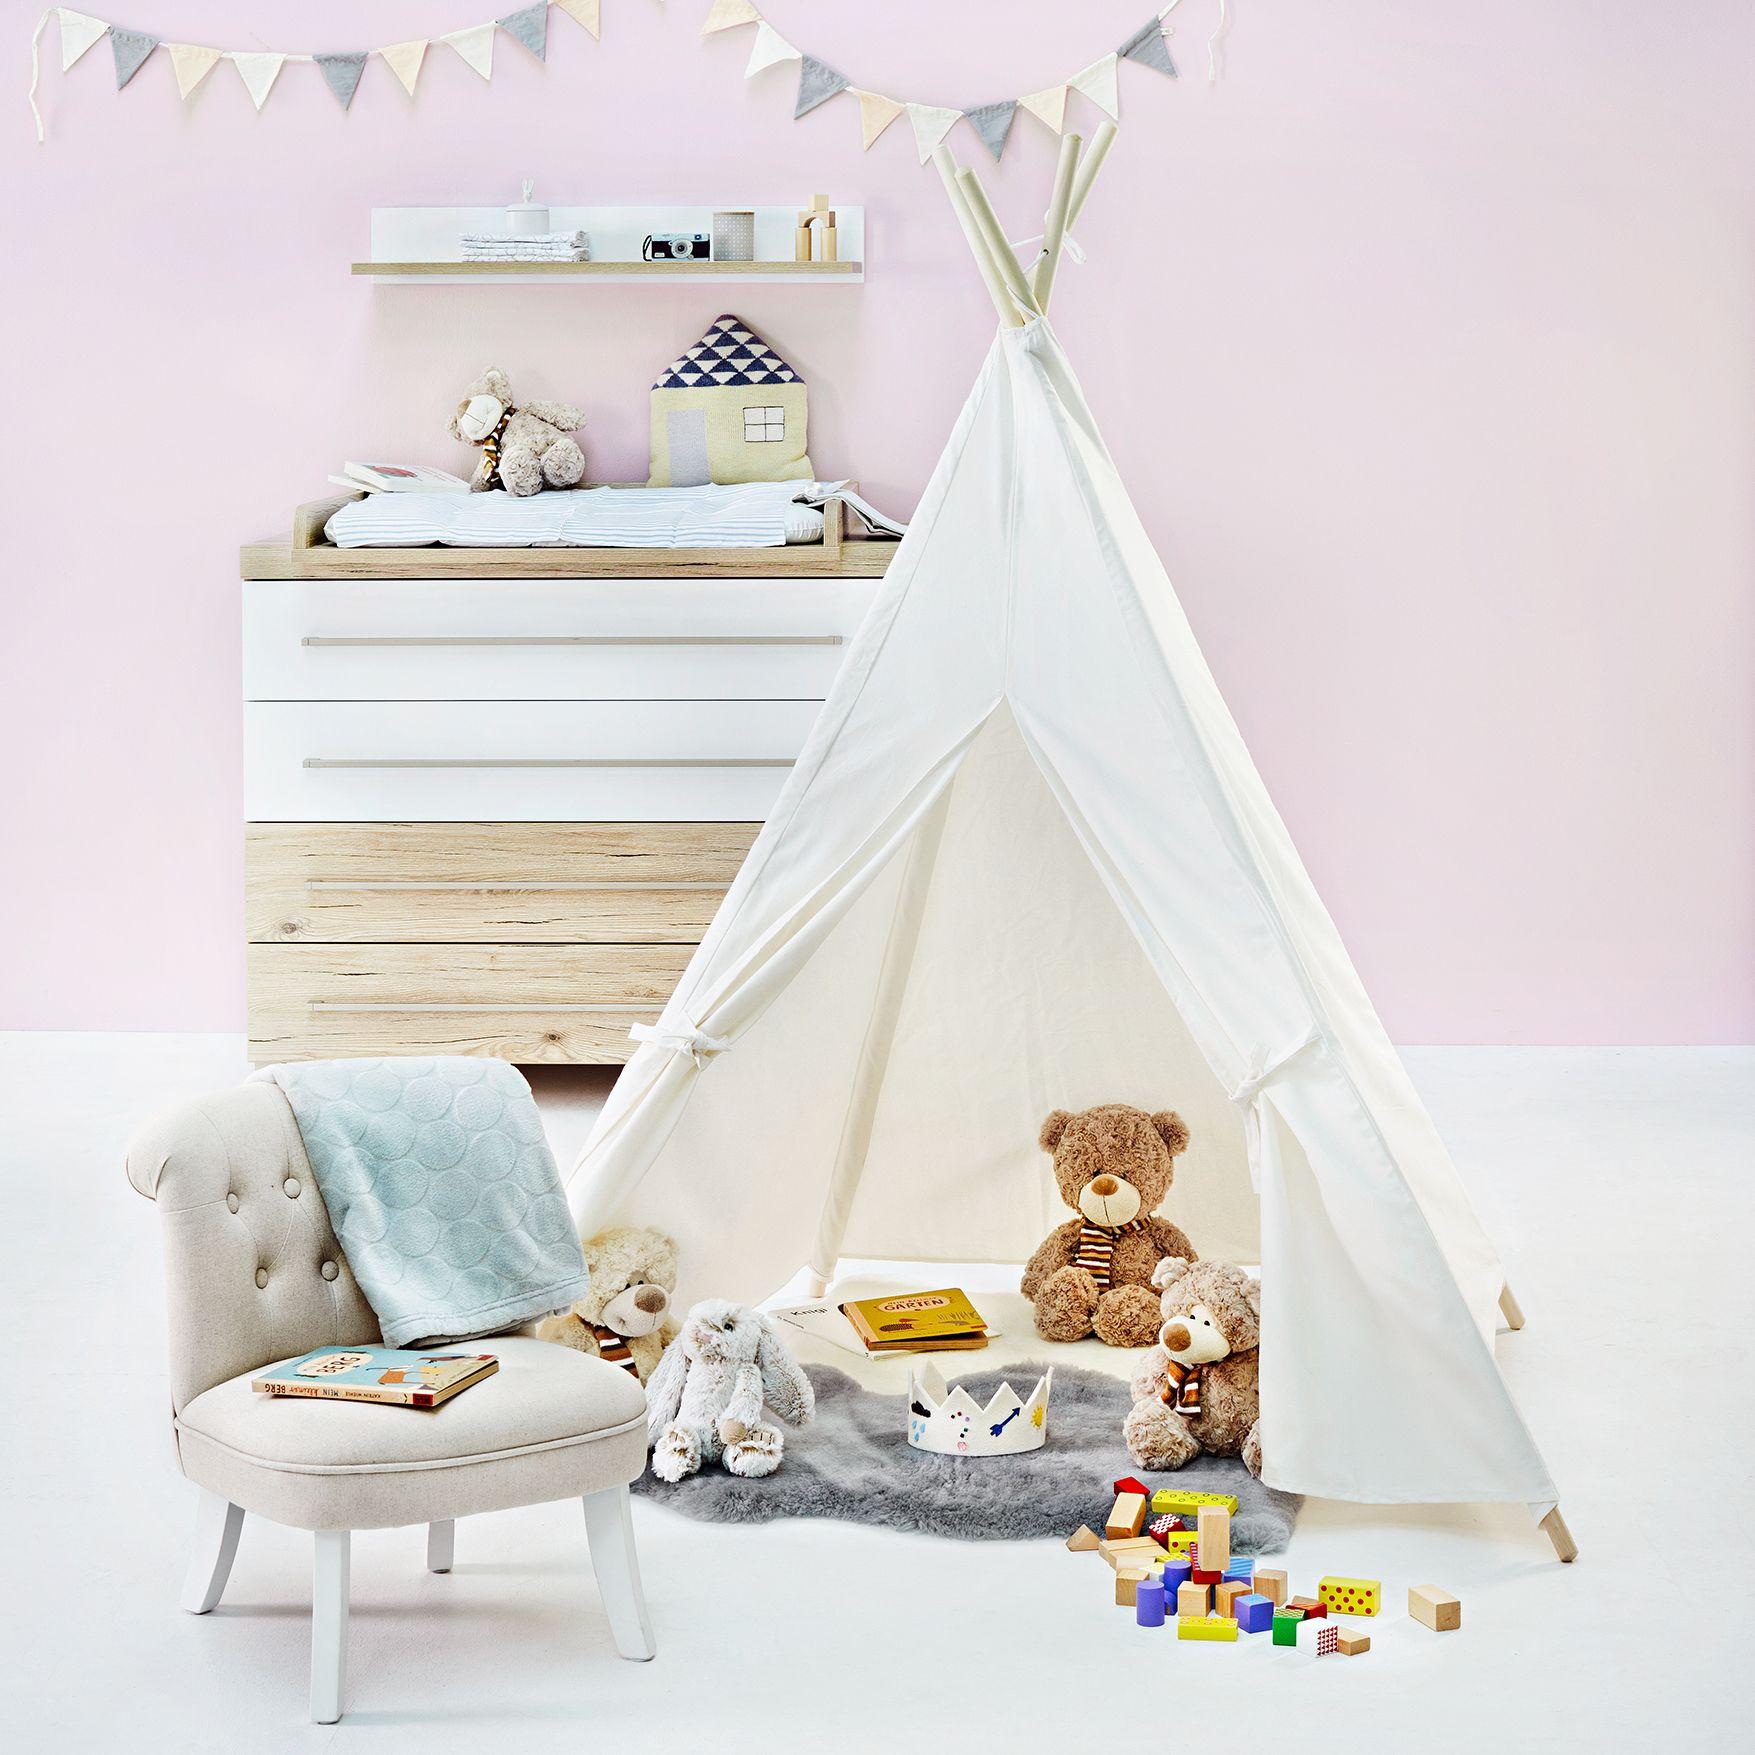 Spielzelt Kinder tipi, Kleinkinderbett und Kinderzimmer